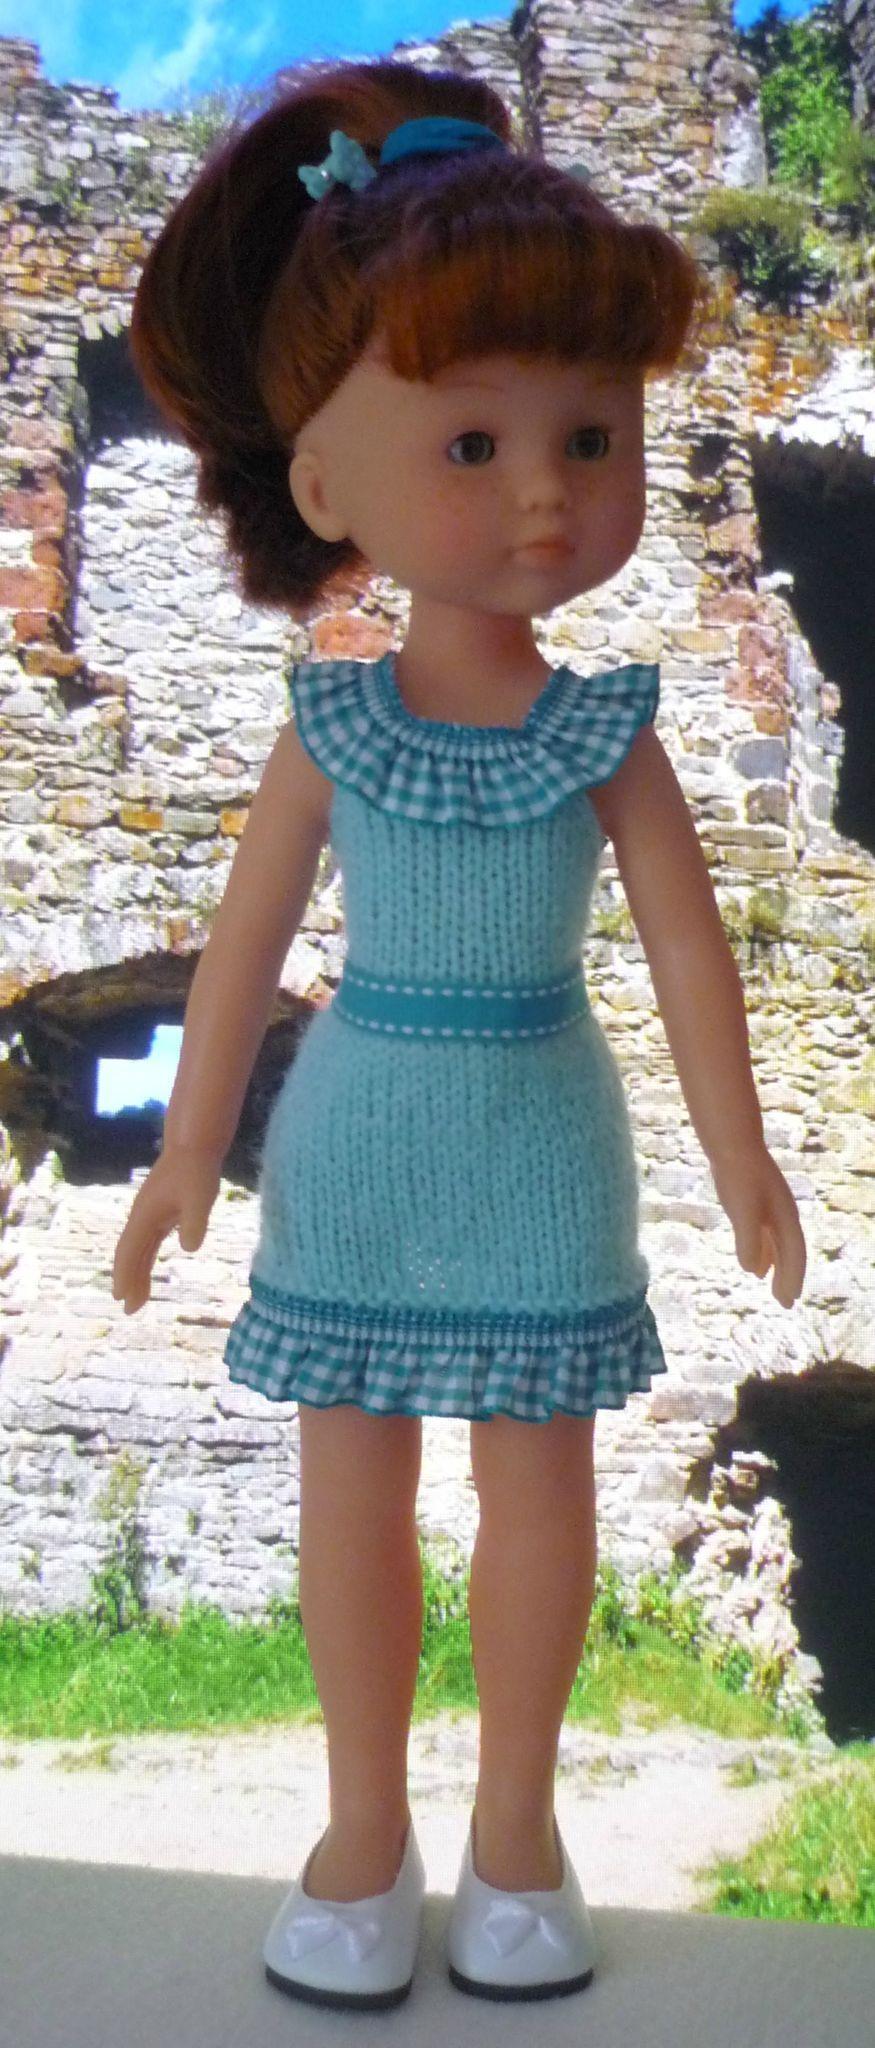 Robe turquoise pour poupée Chérie: 1) http://marieetlaines.canalblog.com/archives/2013/07/18/27176910.html 2) http://p1.storage.canalblog.com/19/68/1066432/87251417.pdf